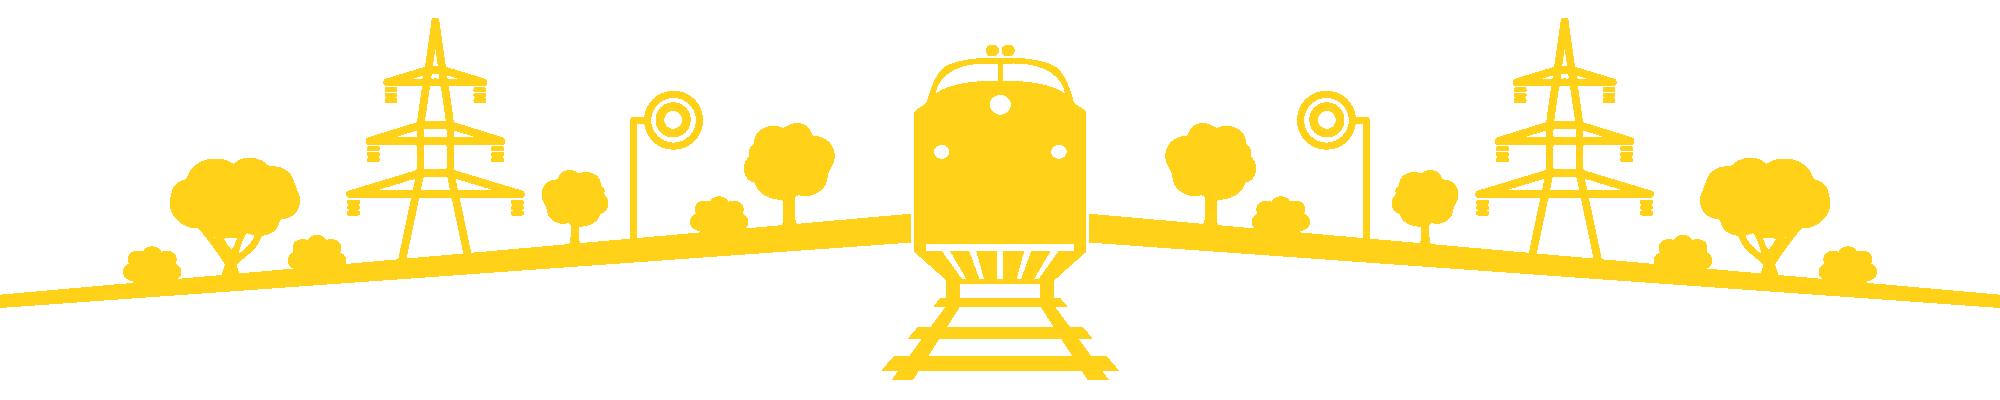 Ipe Locomotori la nostra storia